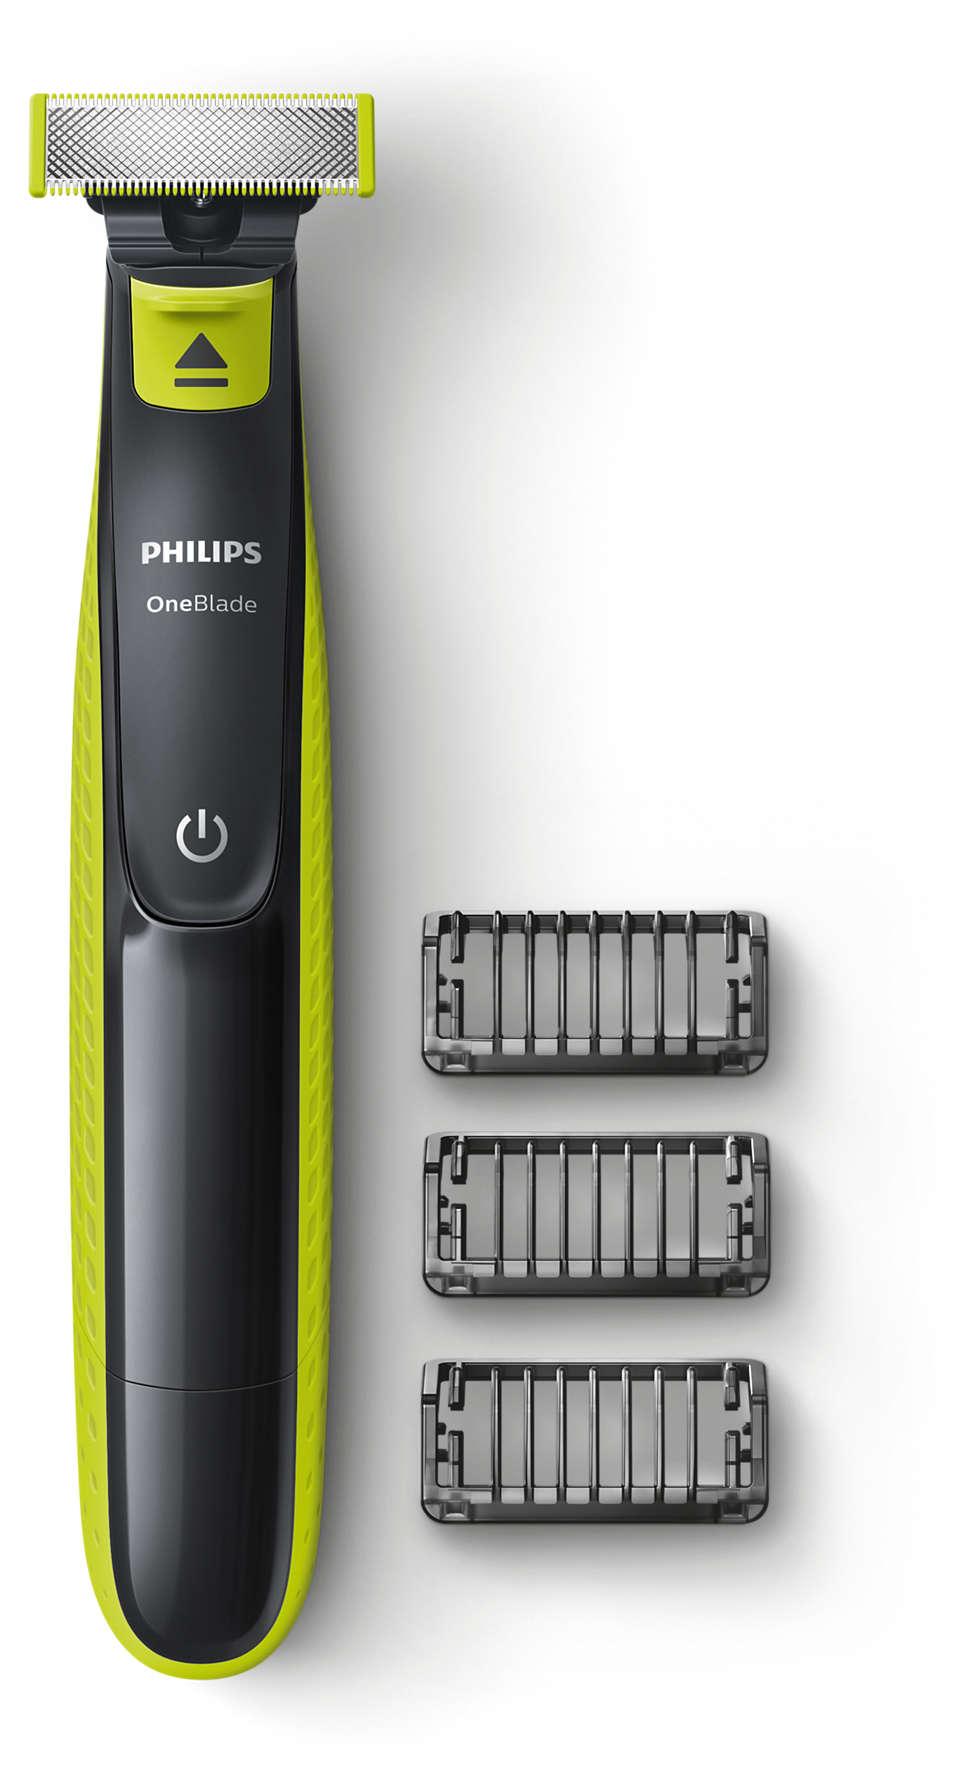 OneBlade QP253030 | Philips